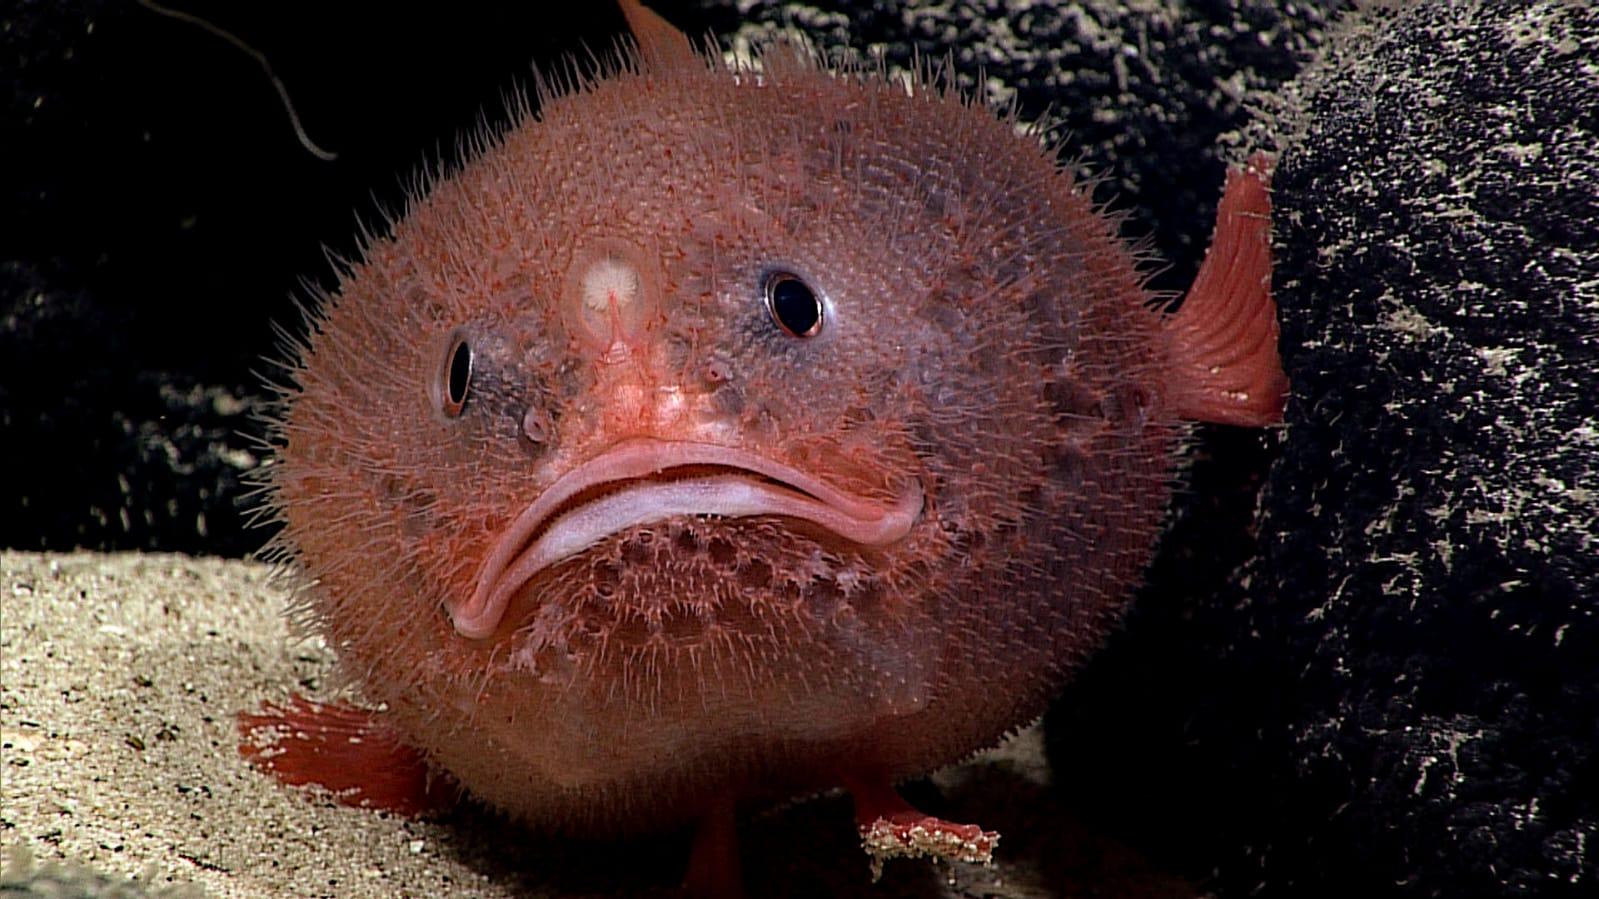 Especies como esta desaparecerían por el recalentamiento global y por la acidificación de los océanos.